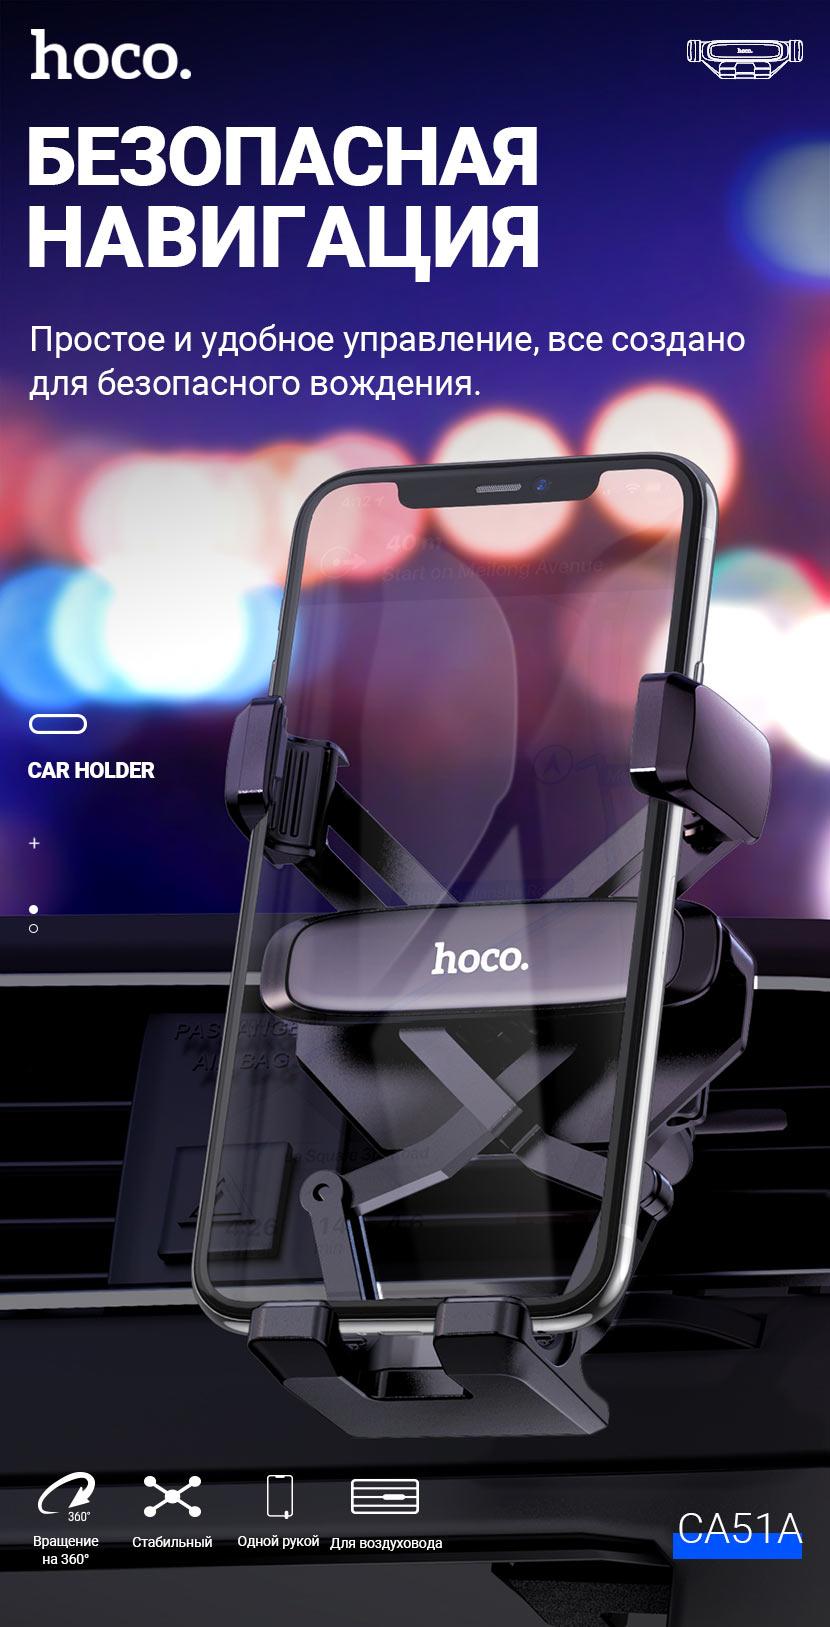 hoco news ca51a tour gravity linkage car holder safe ru